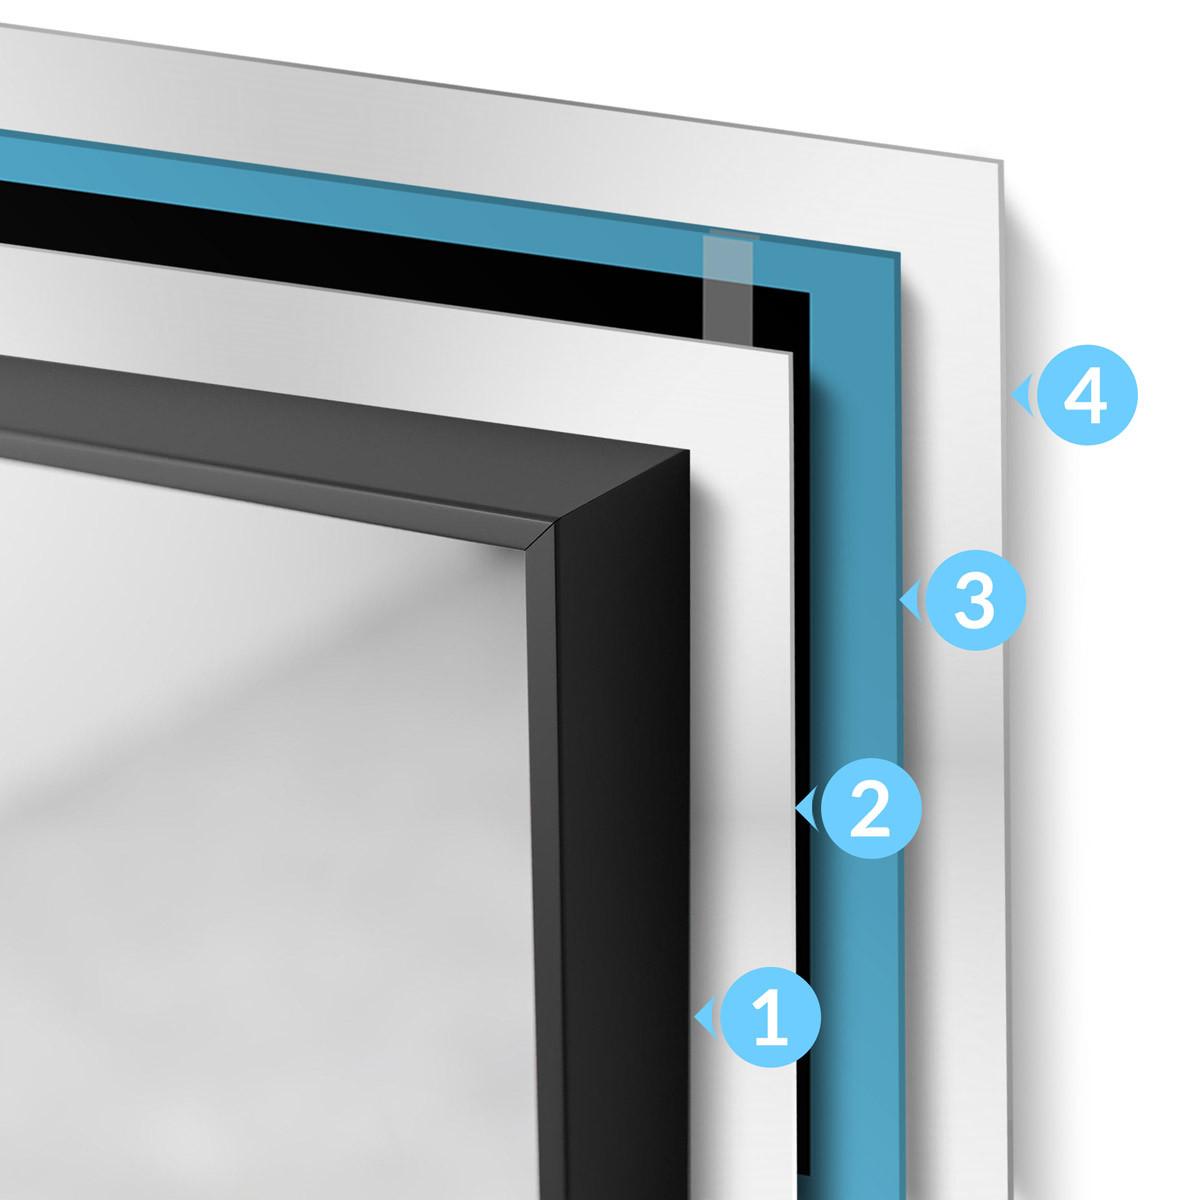 Warstwy układania grafenowej folii grzewczej na podczerwień pod lustrem